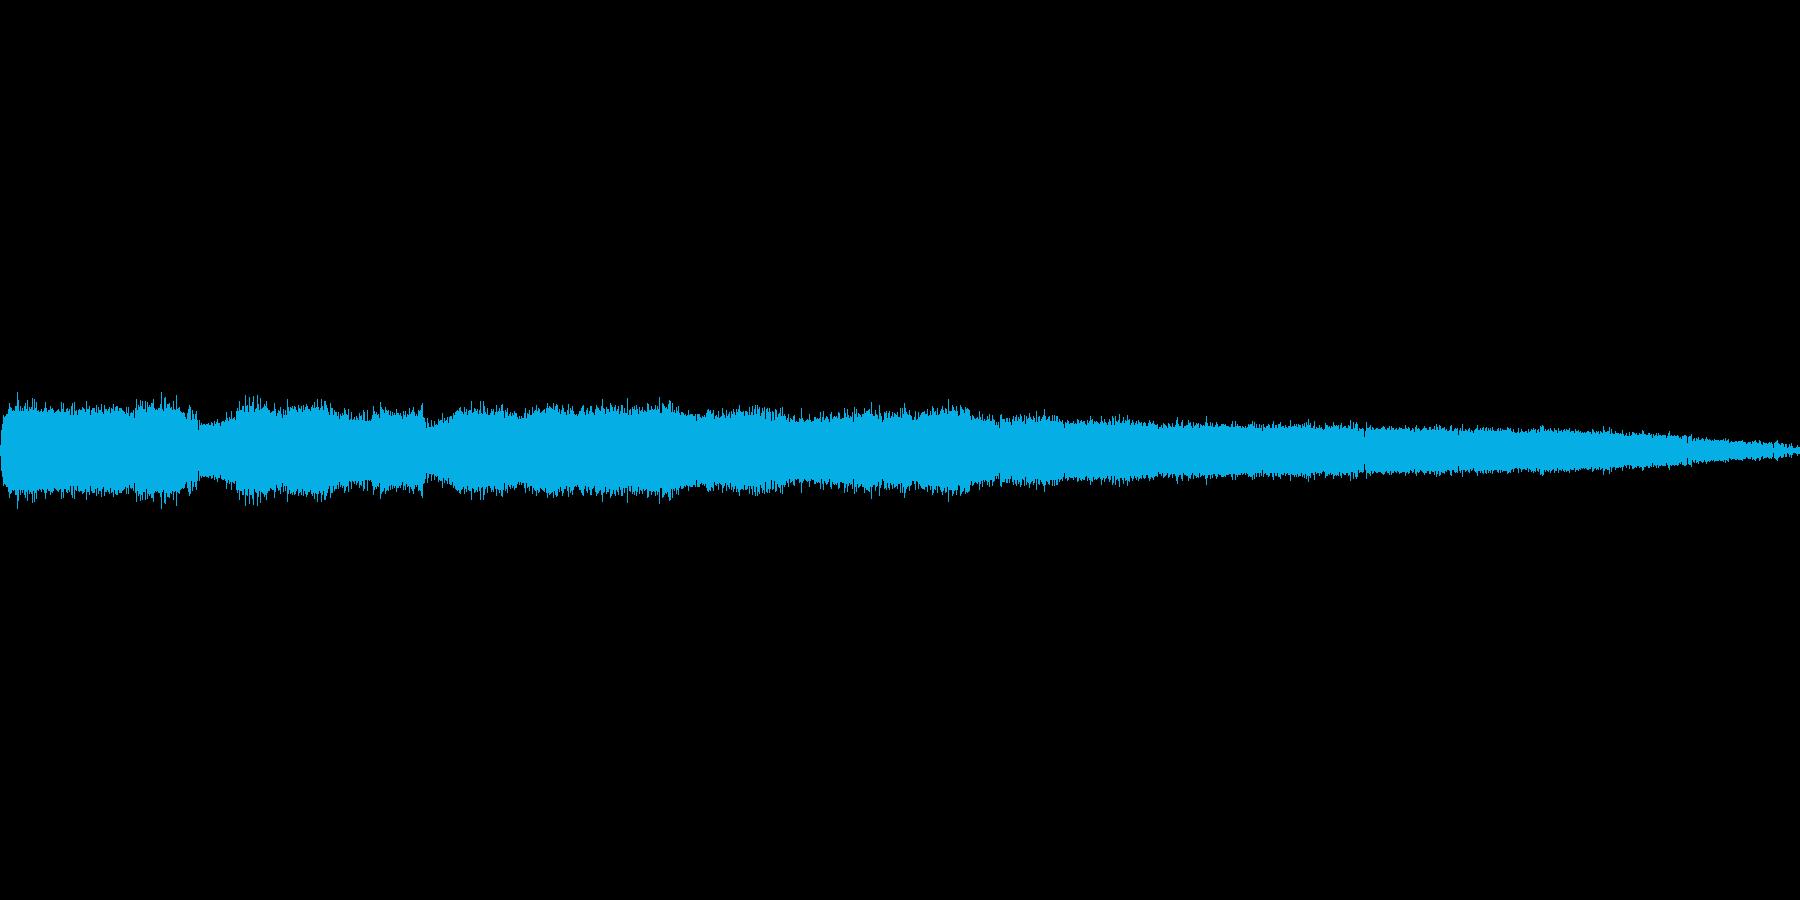 ガチャガチャ!「にぎやかな虫の音色」の再生済みの波形